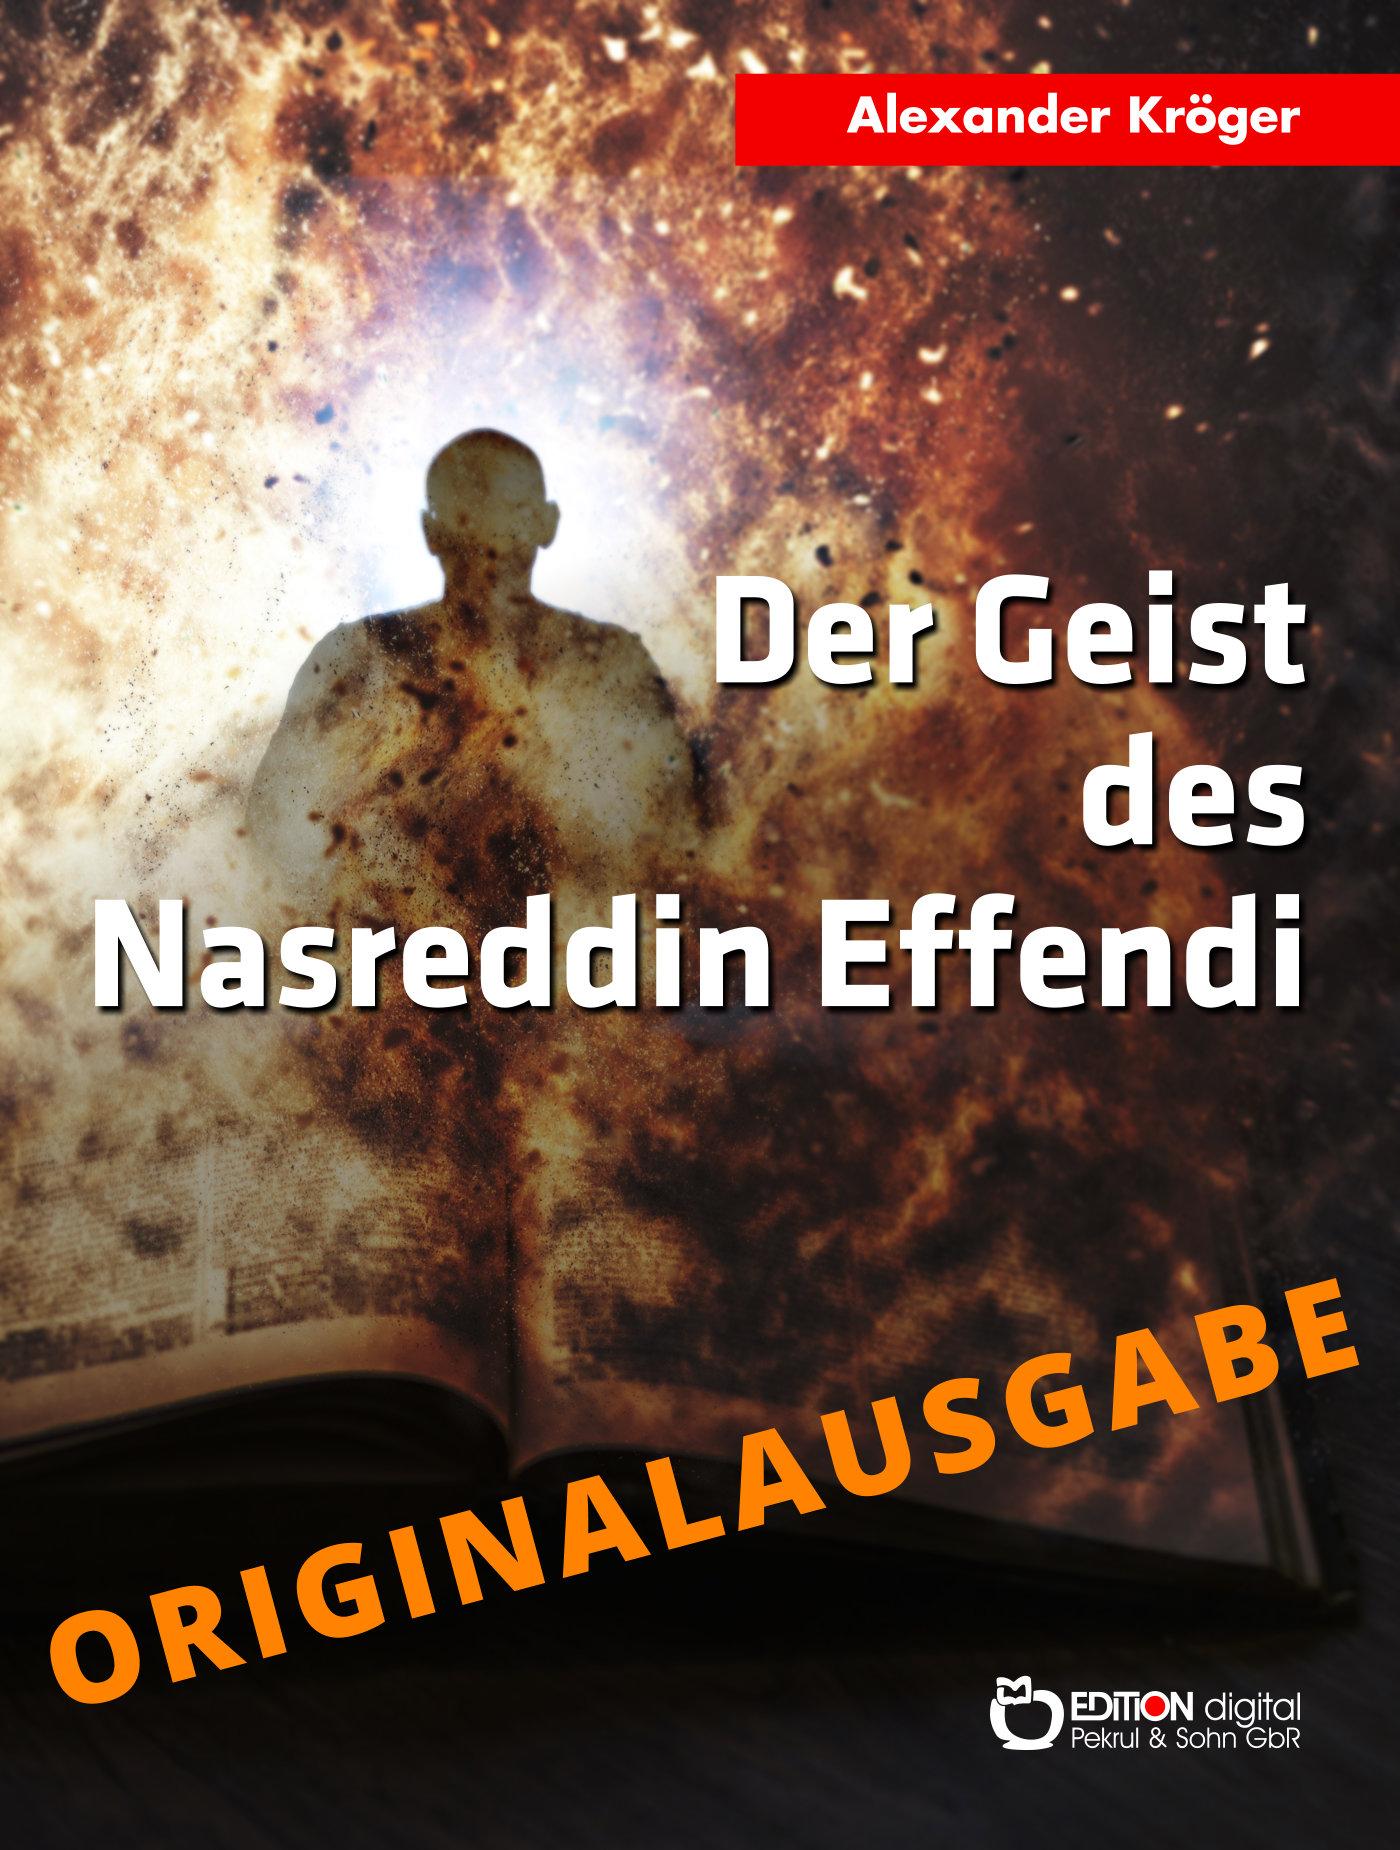 Der Geist des Nasreddin Effendi - Originalausgabe von Alexander Kröger